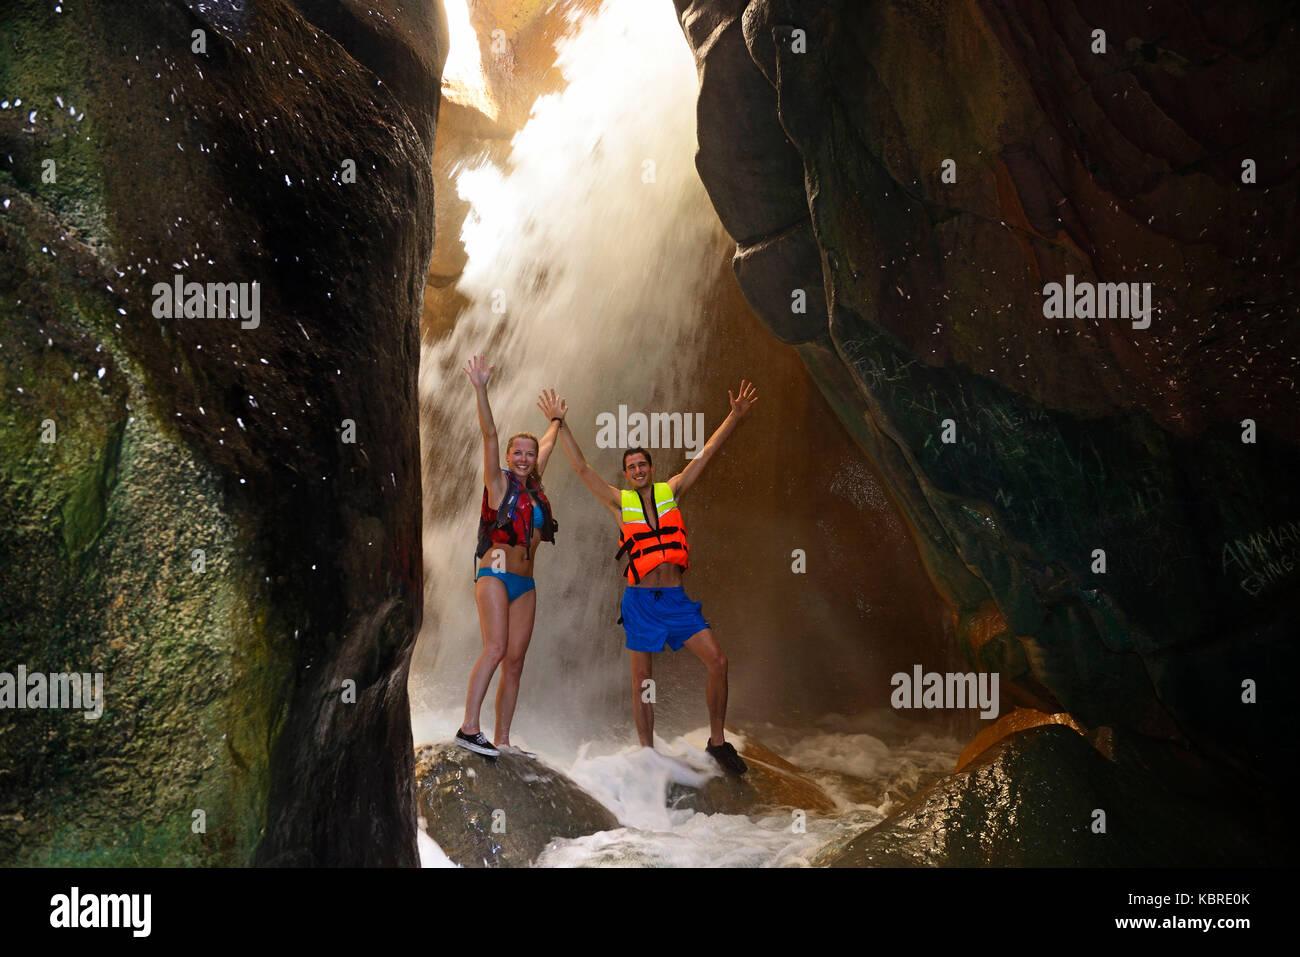 Jeune couple en cascade au canyon de Wadi Mujib, Jordanie Photo Stock